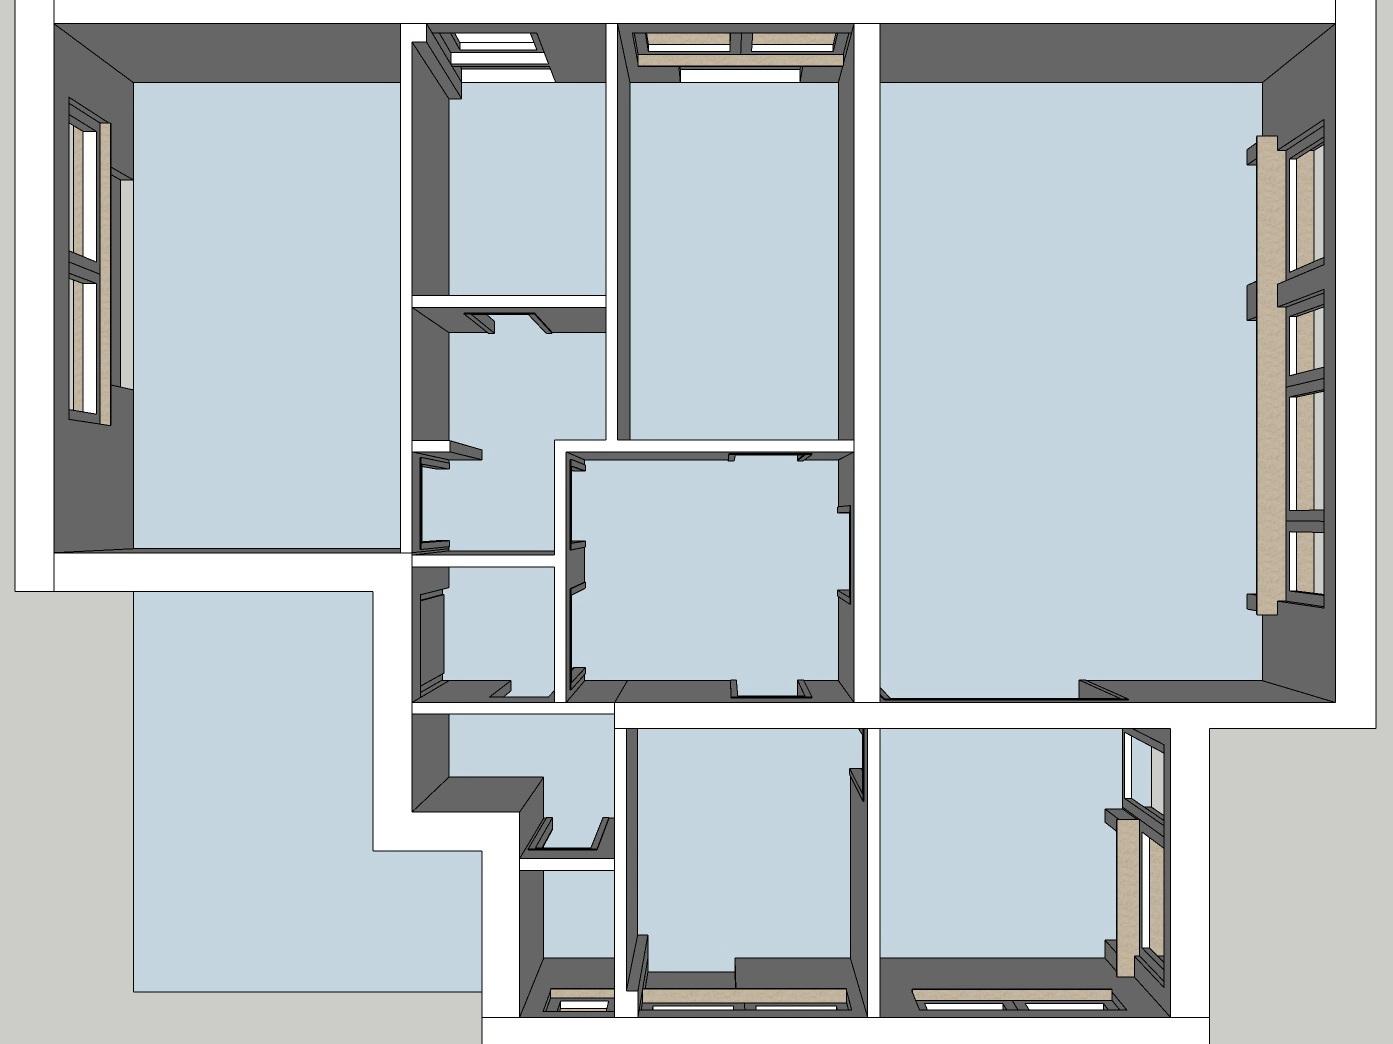 Raumkonzepte Wohnung - Bestand